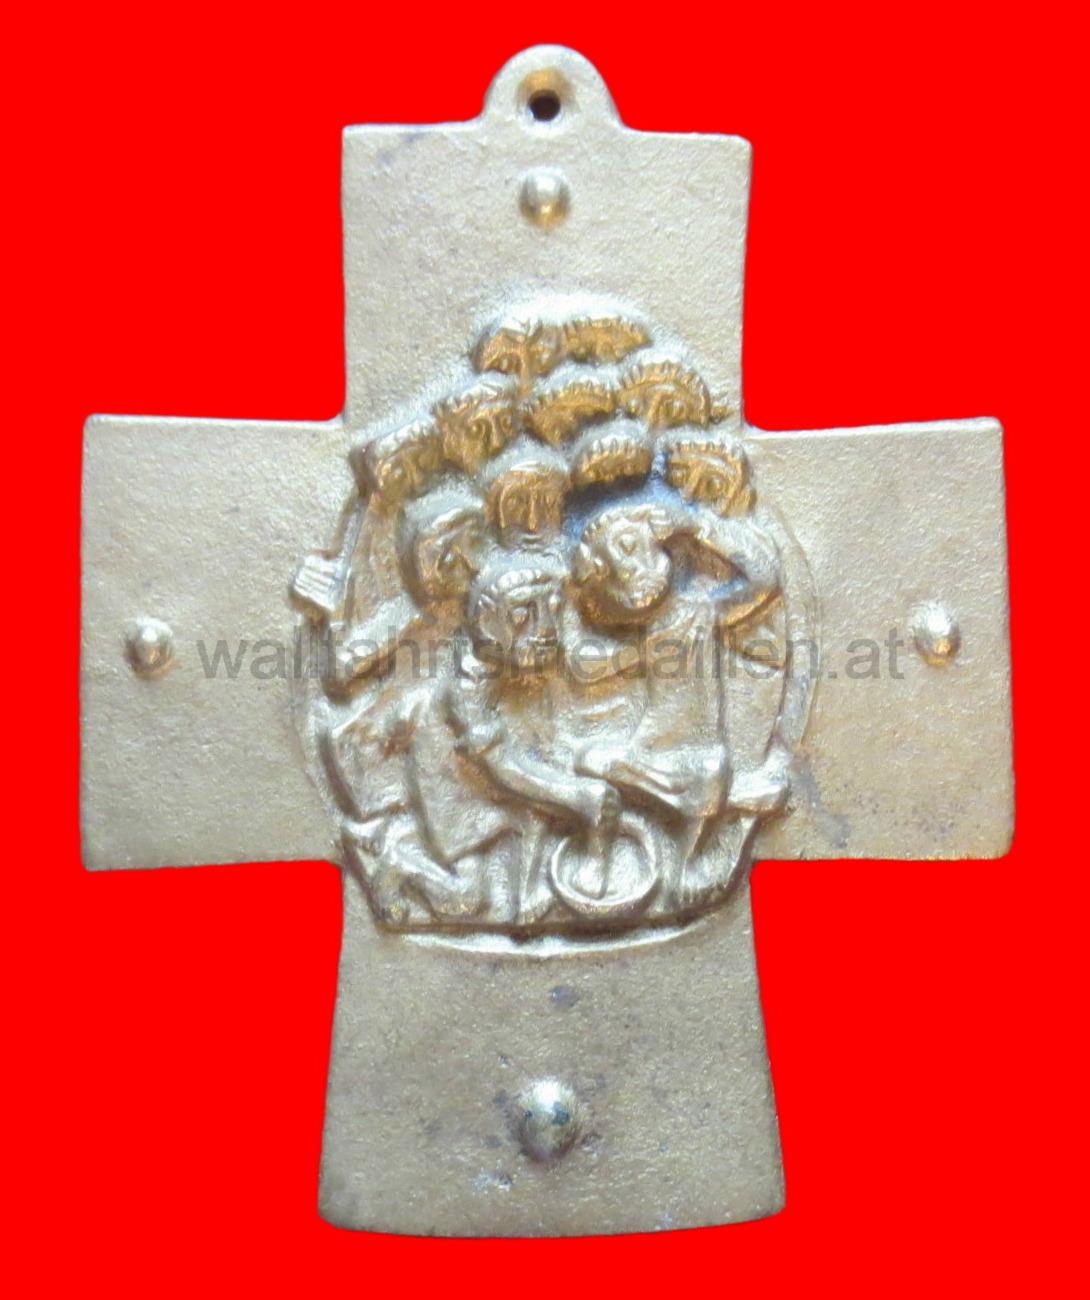 Bronzekreuz zur heiligen Kommunion